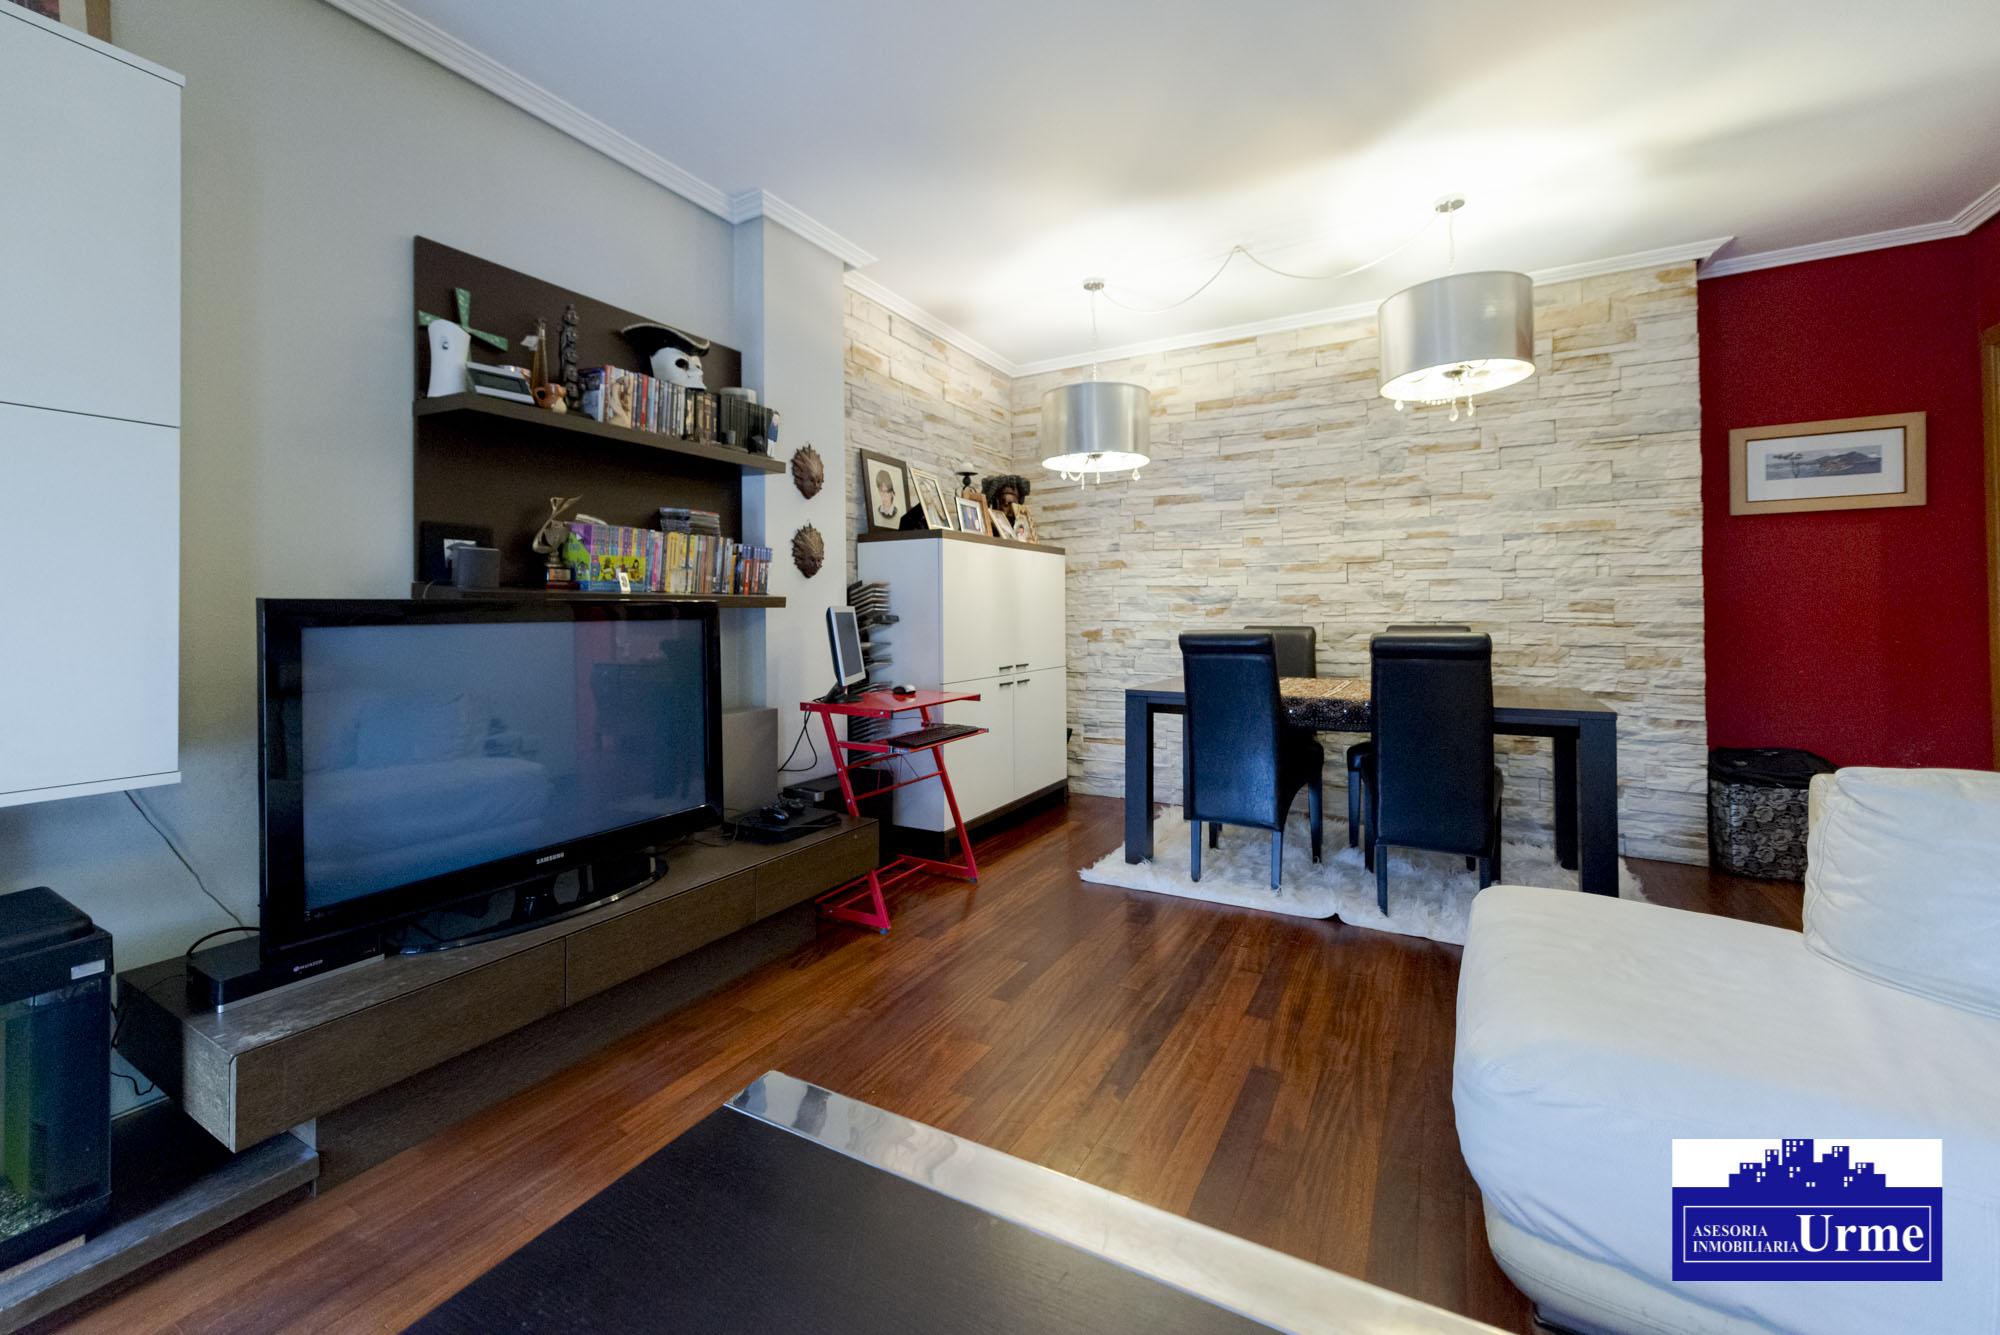 Nuevo precio!!!En Urdanibia Berri, zona residencial.90m2,Tres habitaciones,salon,cocina y dos baños.Garaje opcional.Ven a visitarlo!!!